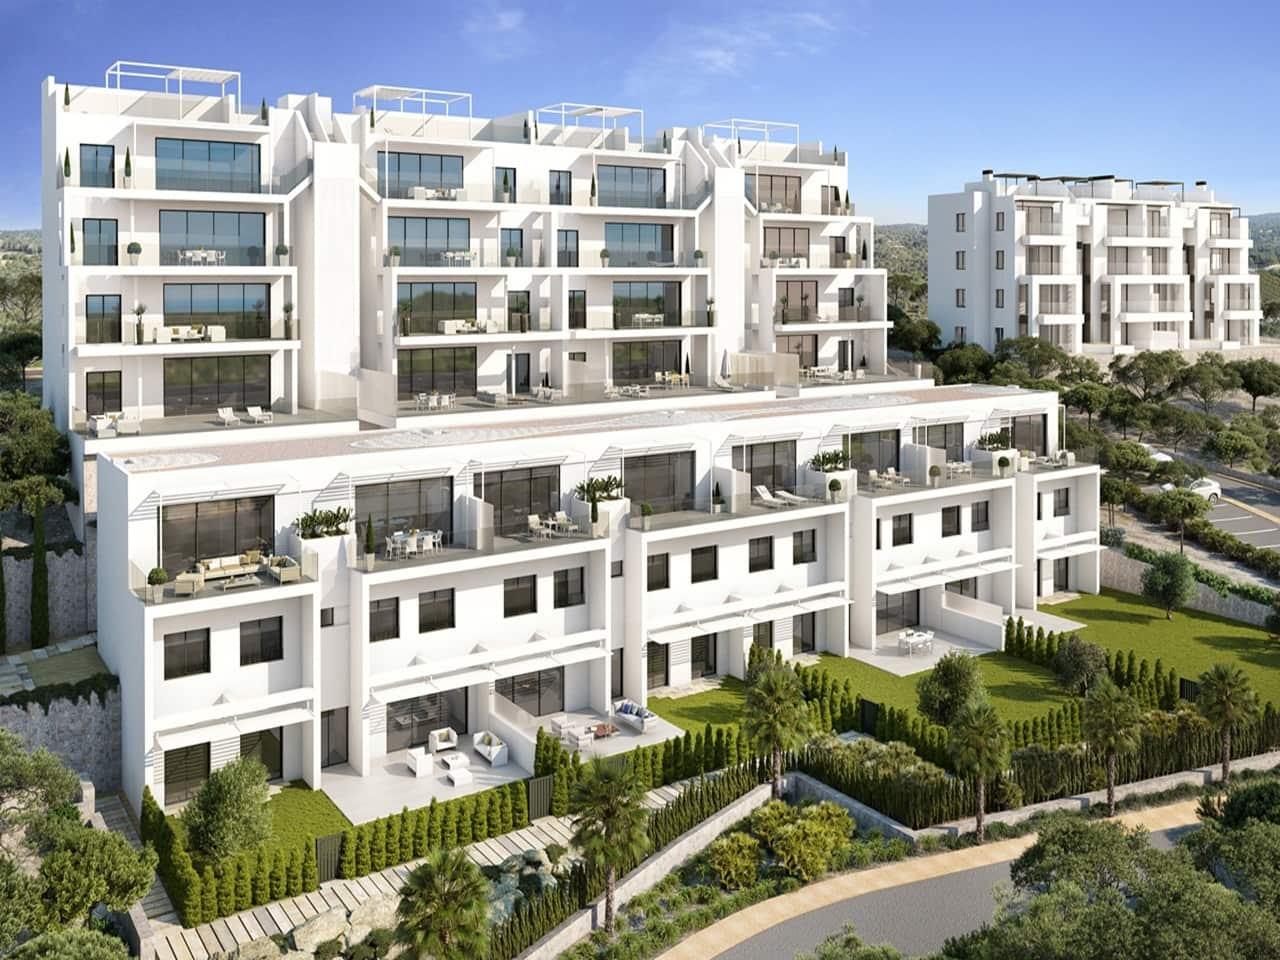 Ático de 3 habitaciones en Las Colinas Golf en venta con piscina - 356.000 € (Ref: 3747684)